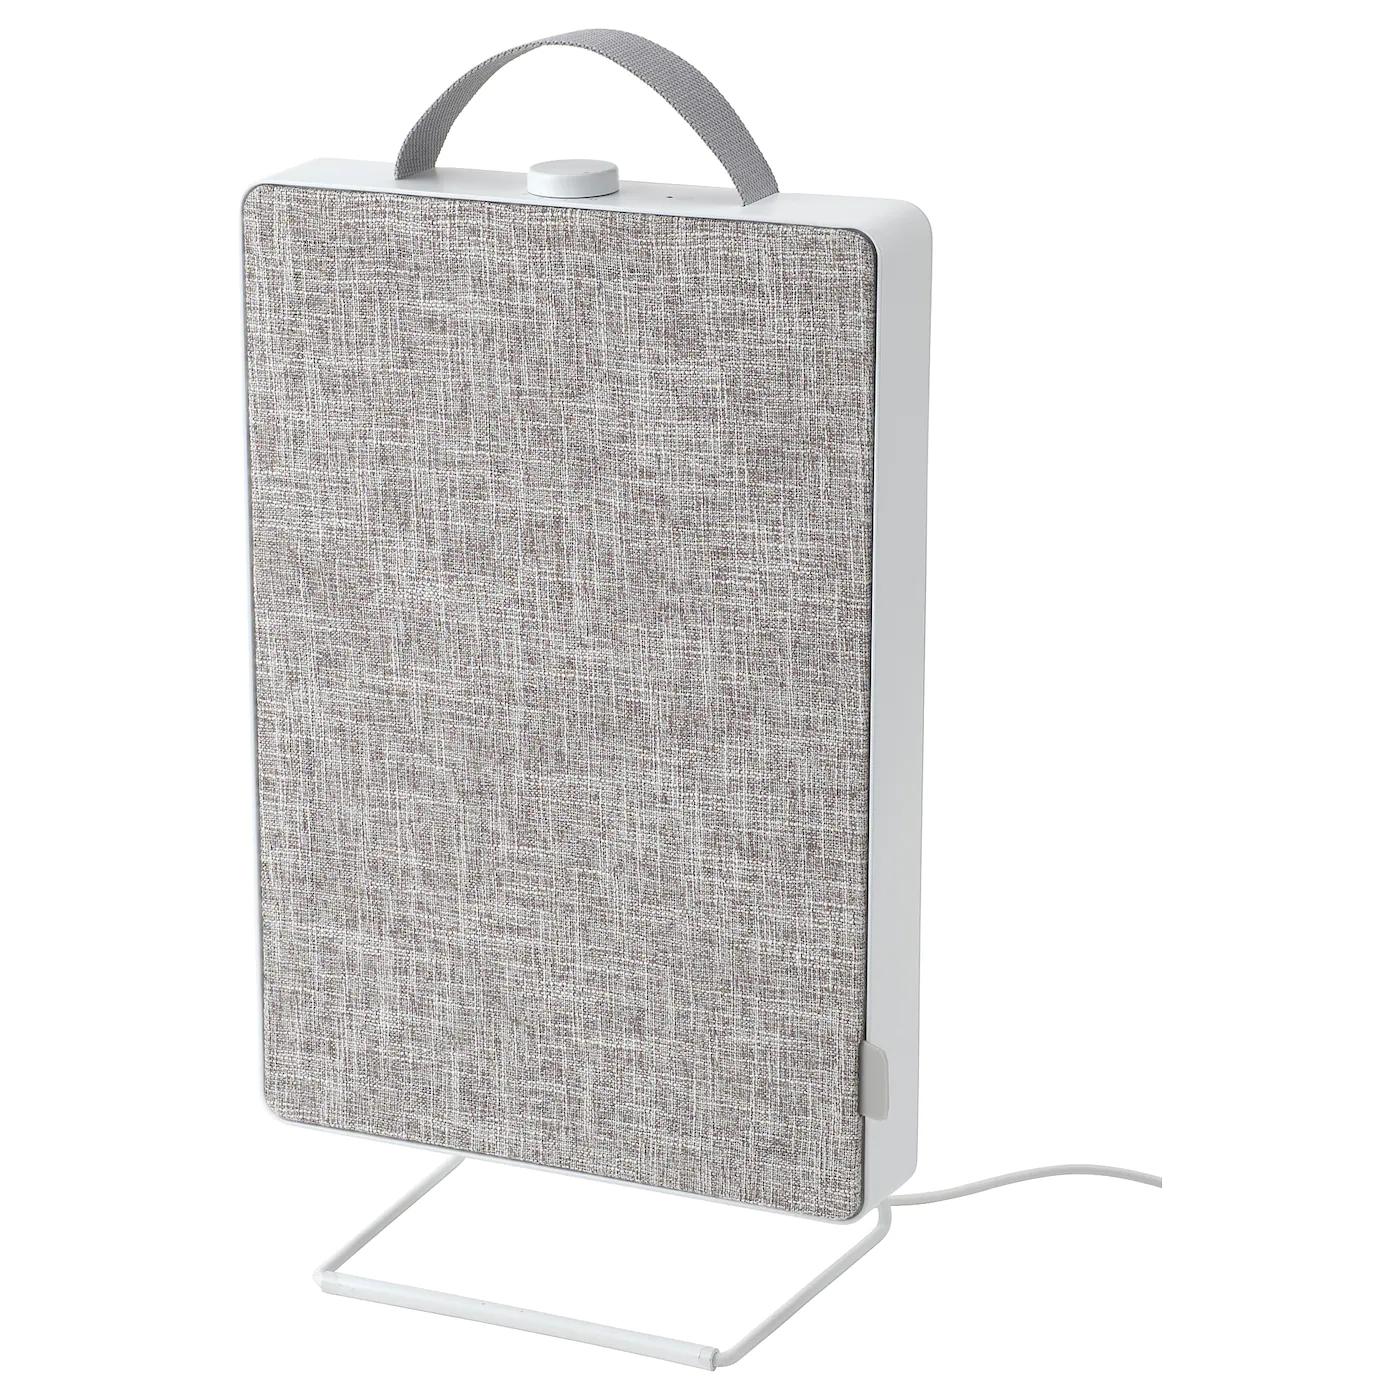 FÖRNUFTIG Air purifier, white31x45 cm £50 @ IKEA online / instore